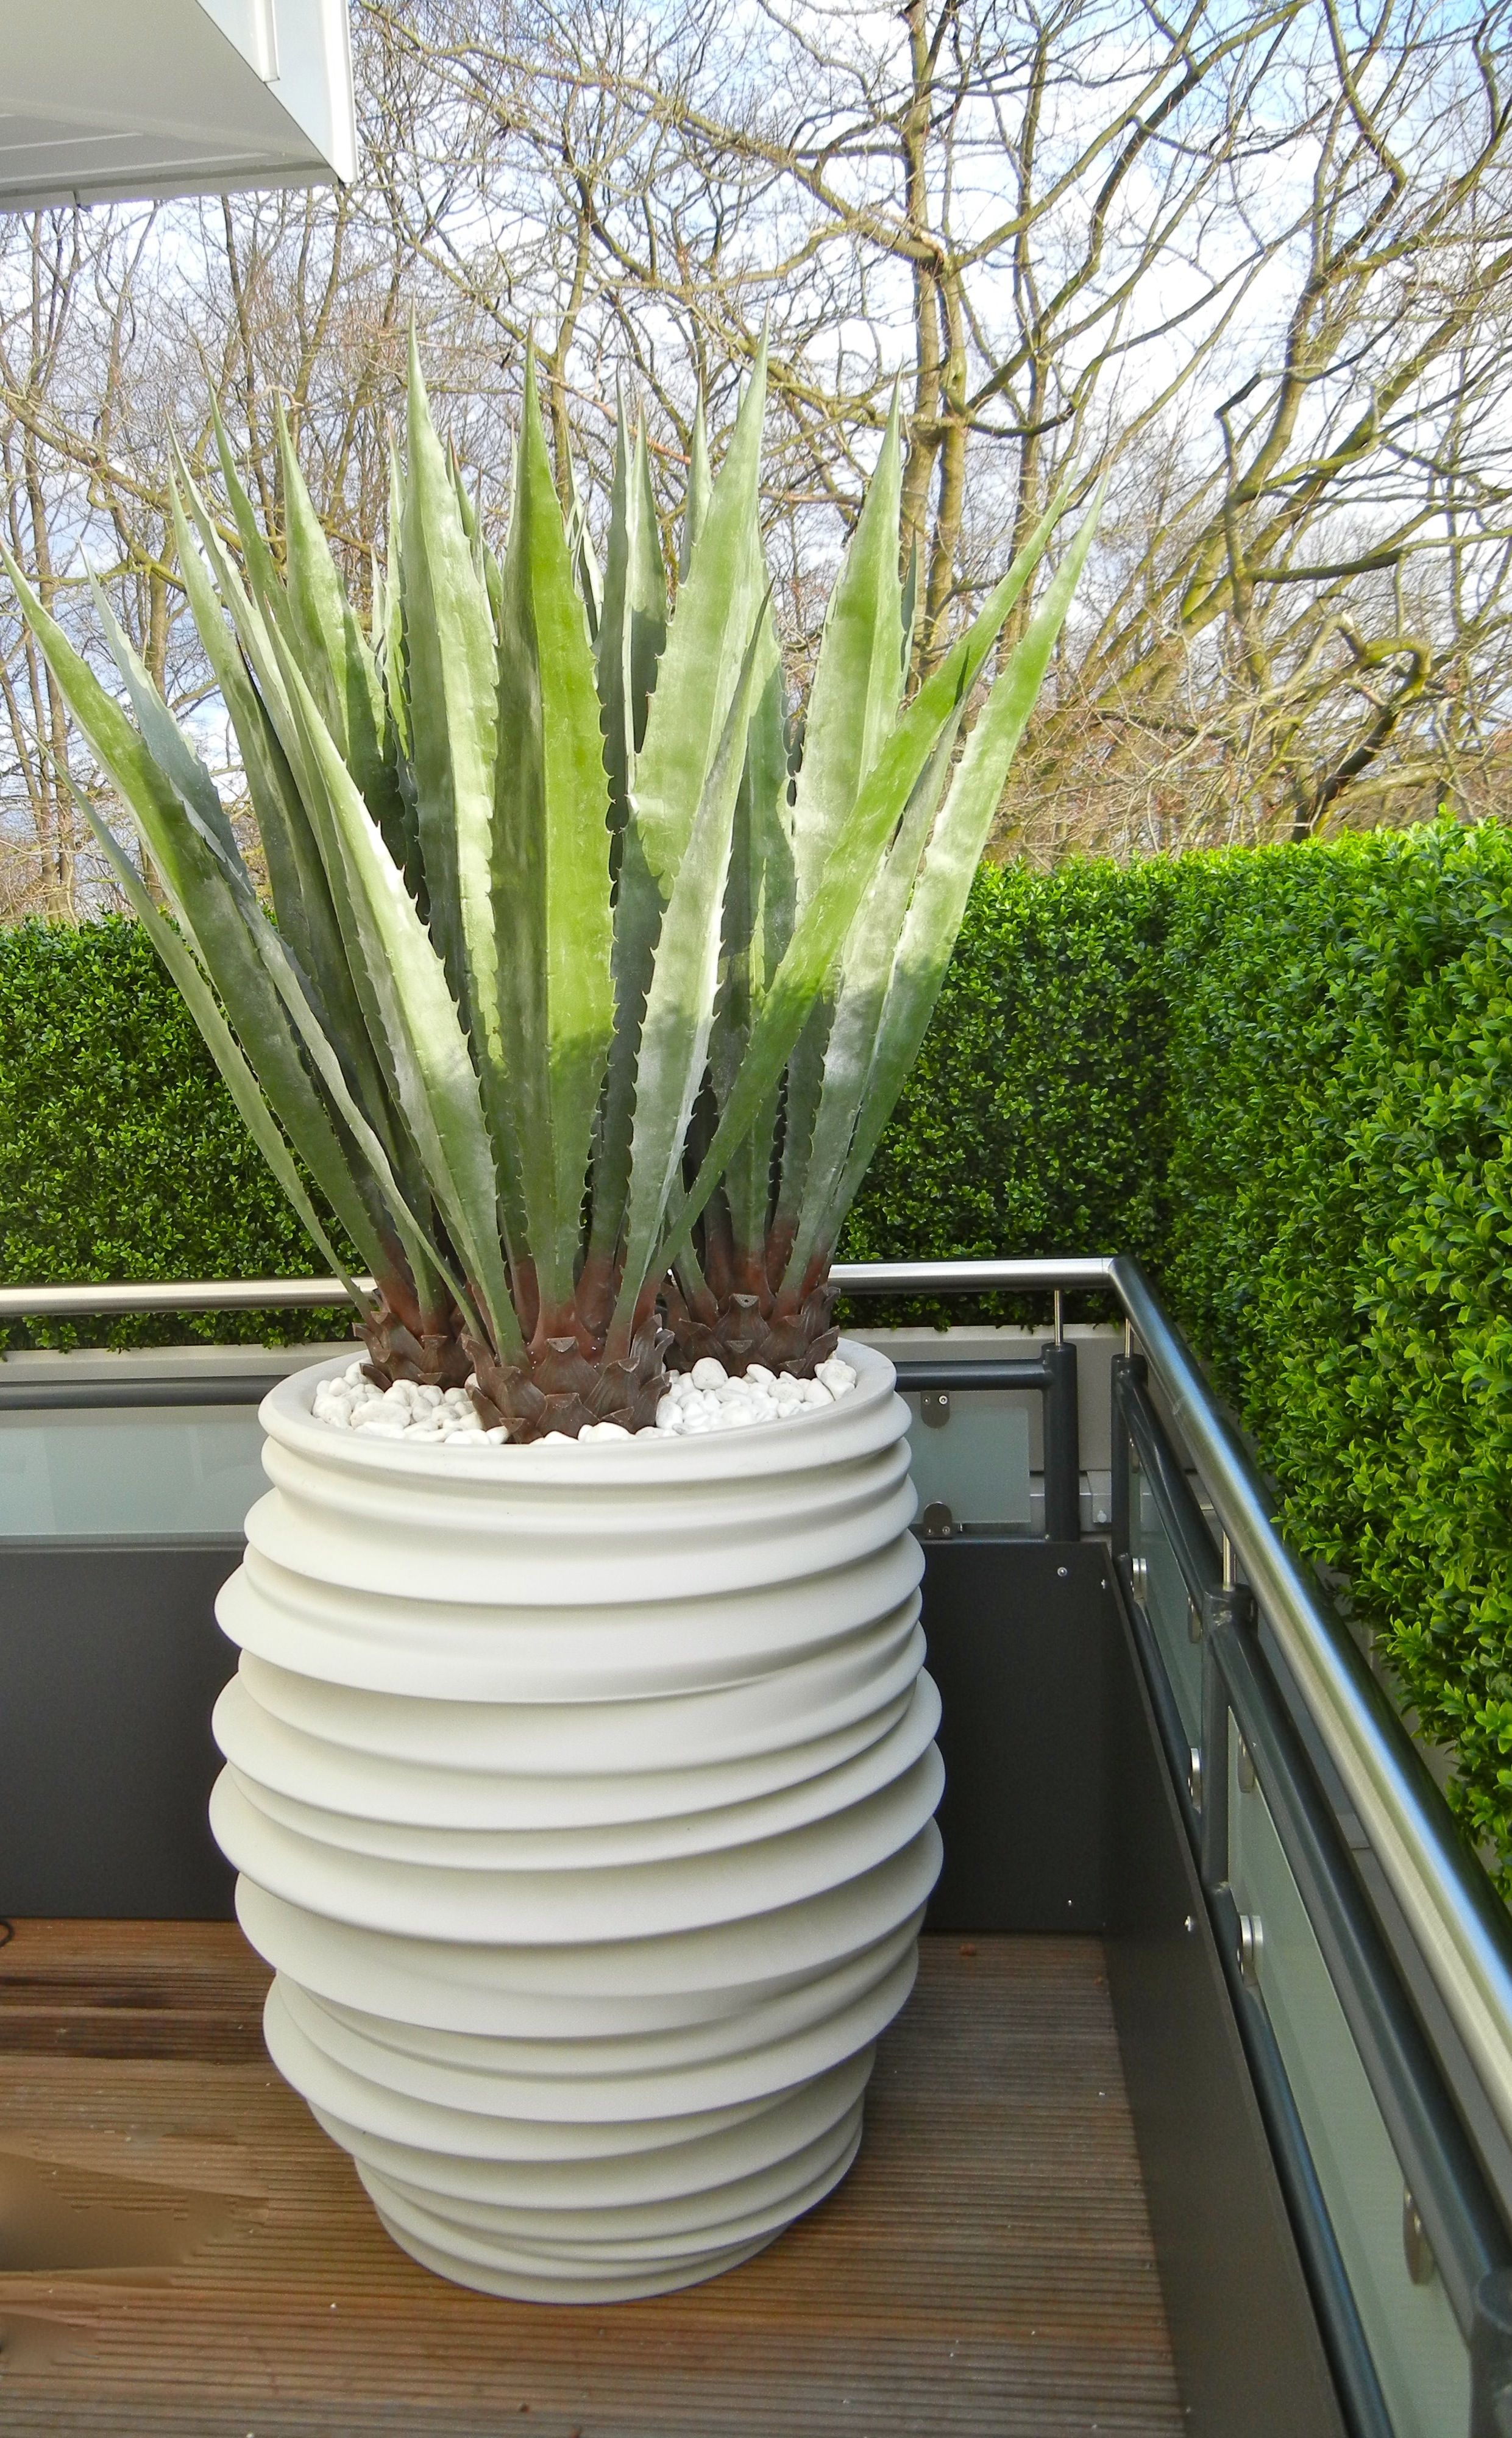 Wetterfeste Kunstpflanzen Von Bellaplanta Terrasse Kunstpflanzen Arrangement Kunstliche Agaven Individuelle Au Kunstpflanzen Pflanzen Kunstliche Pflanzen